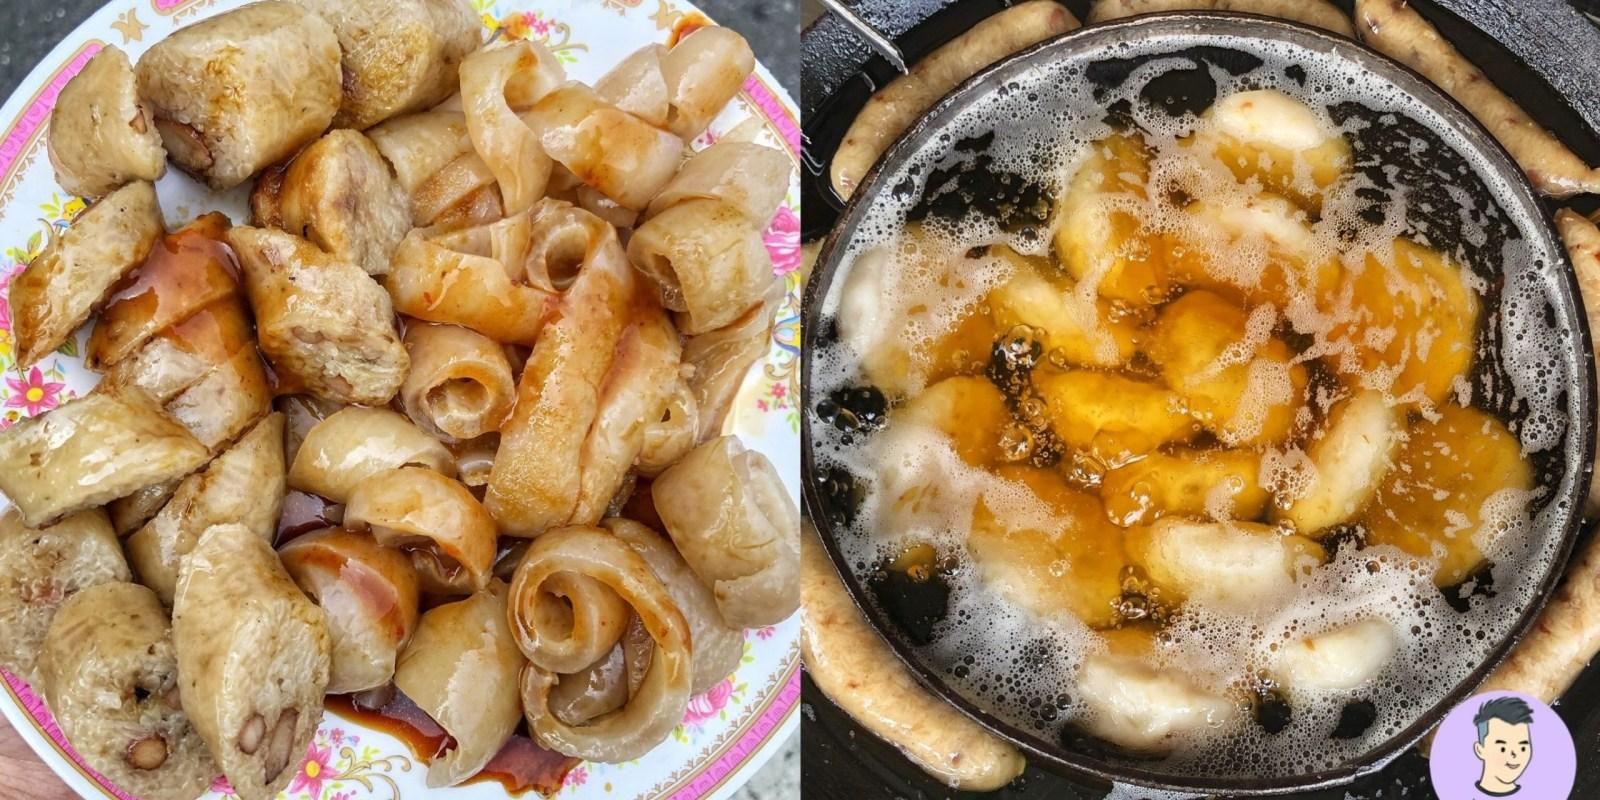 【台南美食】張記東山肉圓 在地人強力推薦的老字號美食!這盤大腸+豬皮只要60元便宜好吃 來東山非吃不可